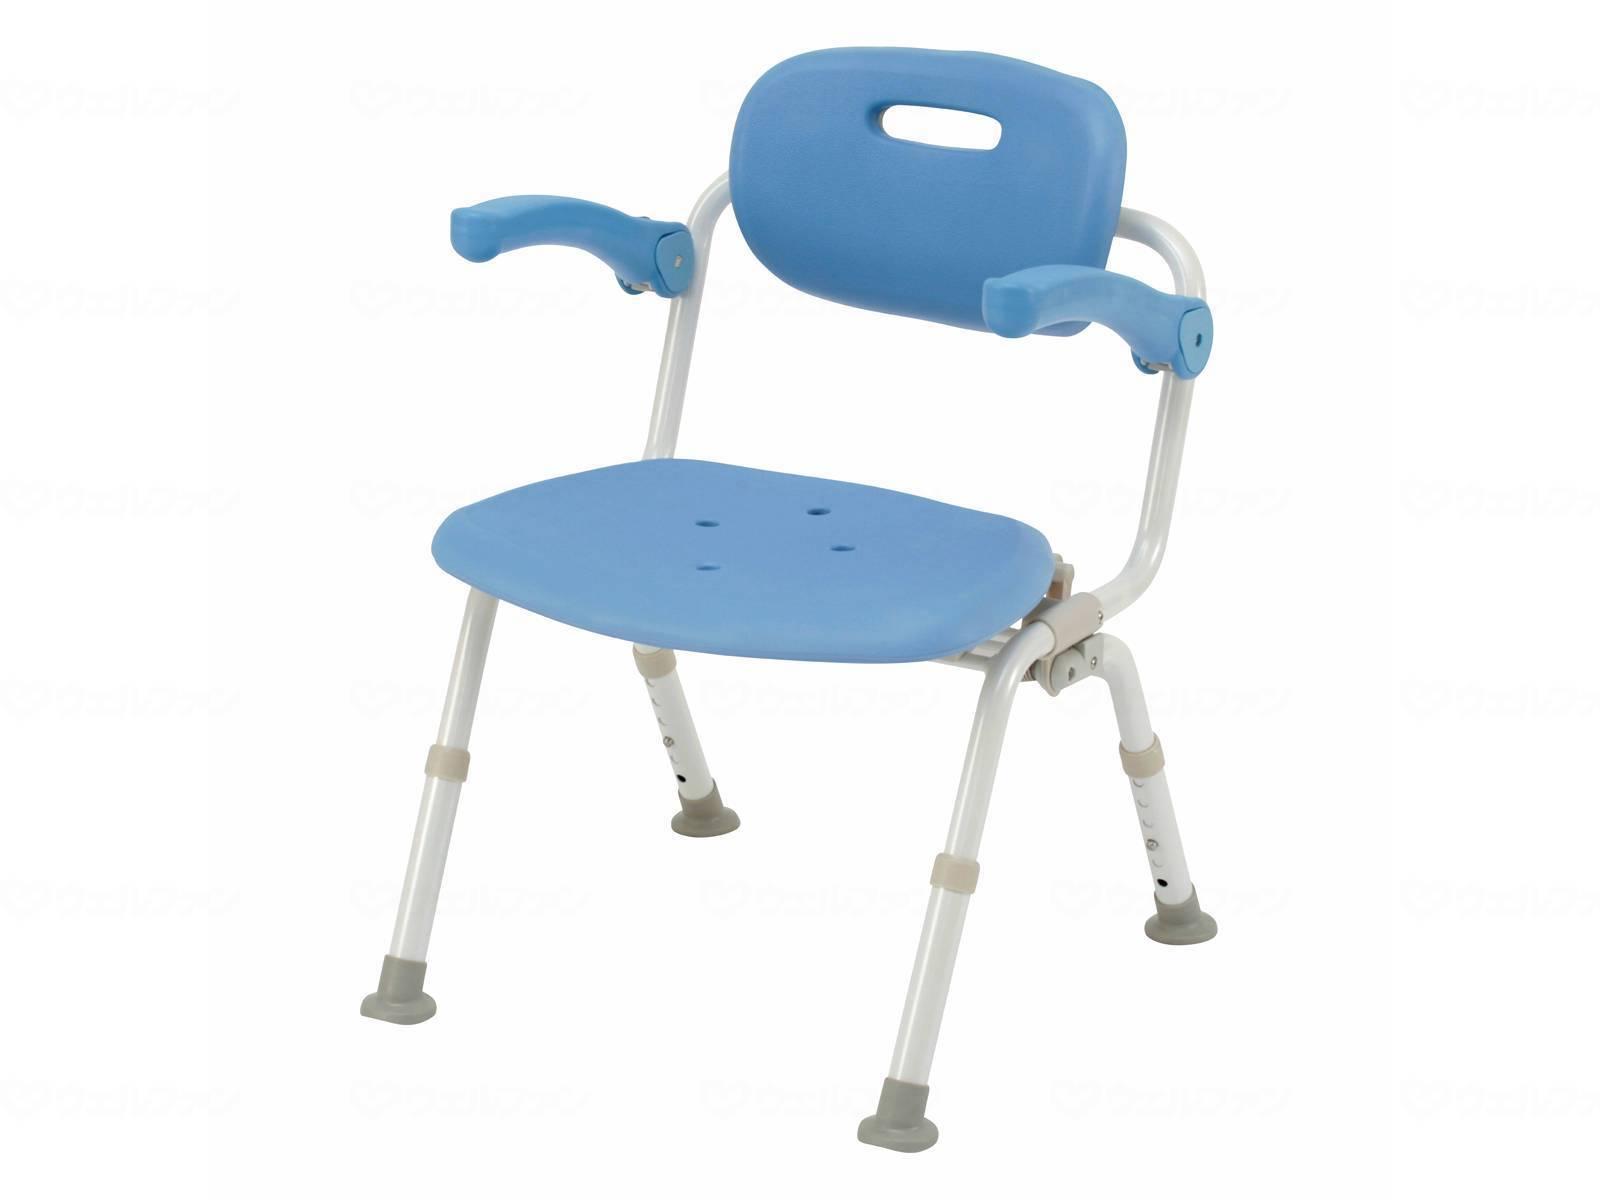 パナソニックエイジフリーシャワーチェア ユクリアワイドSPワンタッチおりたたみNオレンジ・ブルー・モカブラウンPN-L41521D・PN-L41521A・PN-L41521BR[介護 ケア サポート 介護用品 通販 風呂 椅子 いす]